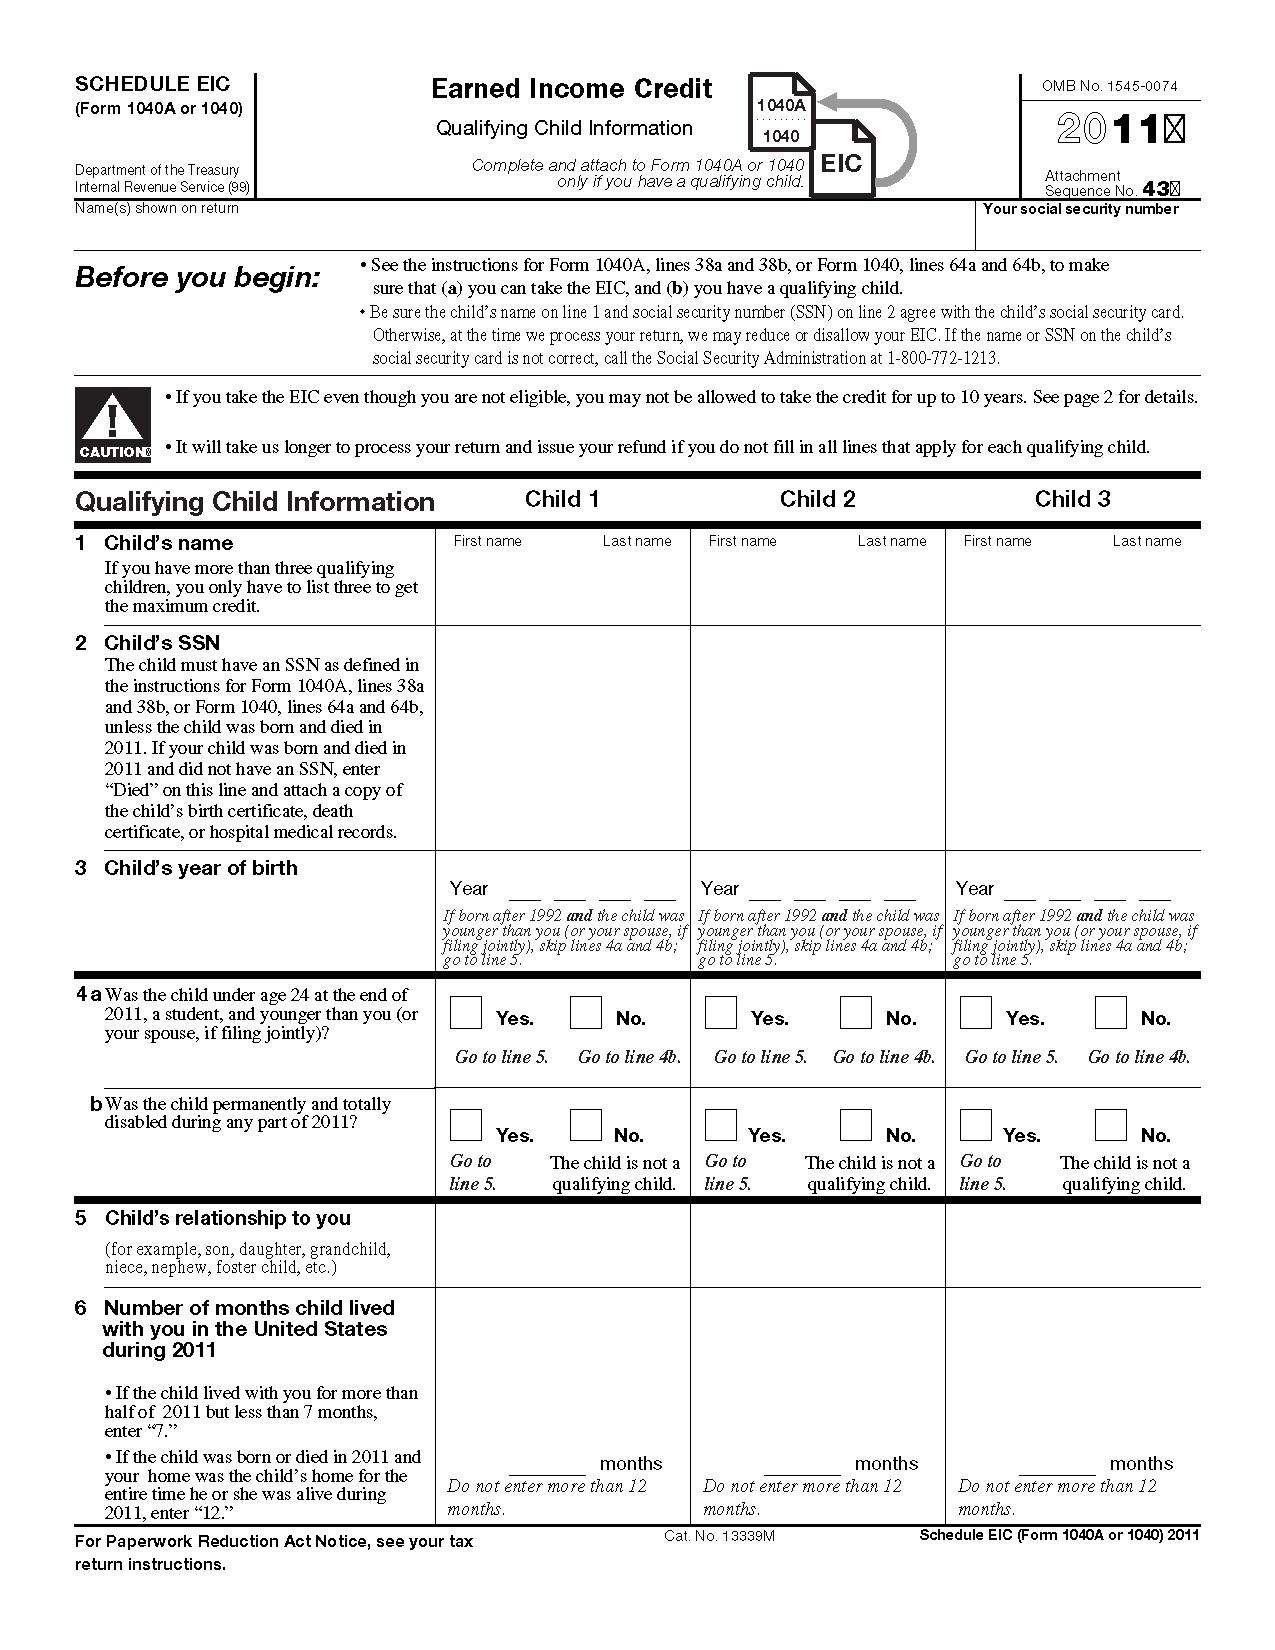 Earned Income Credit Worksheet Multiplication